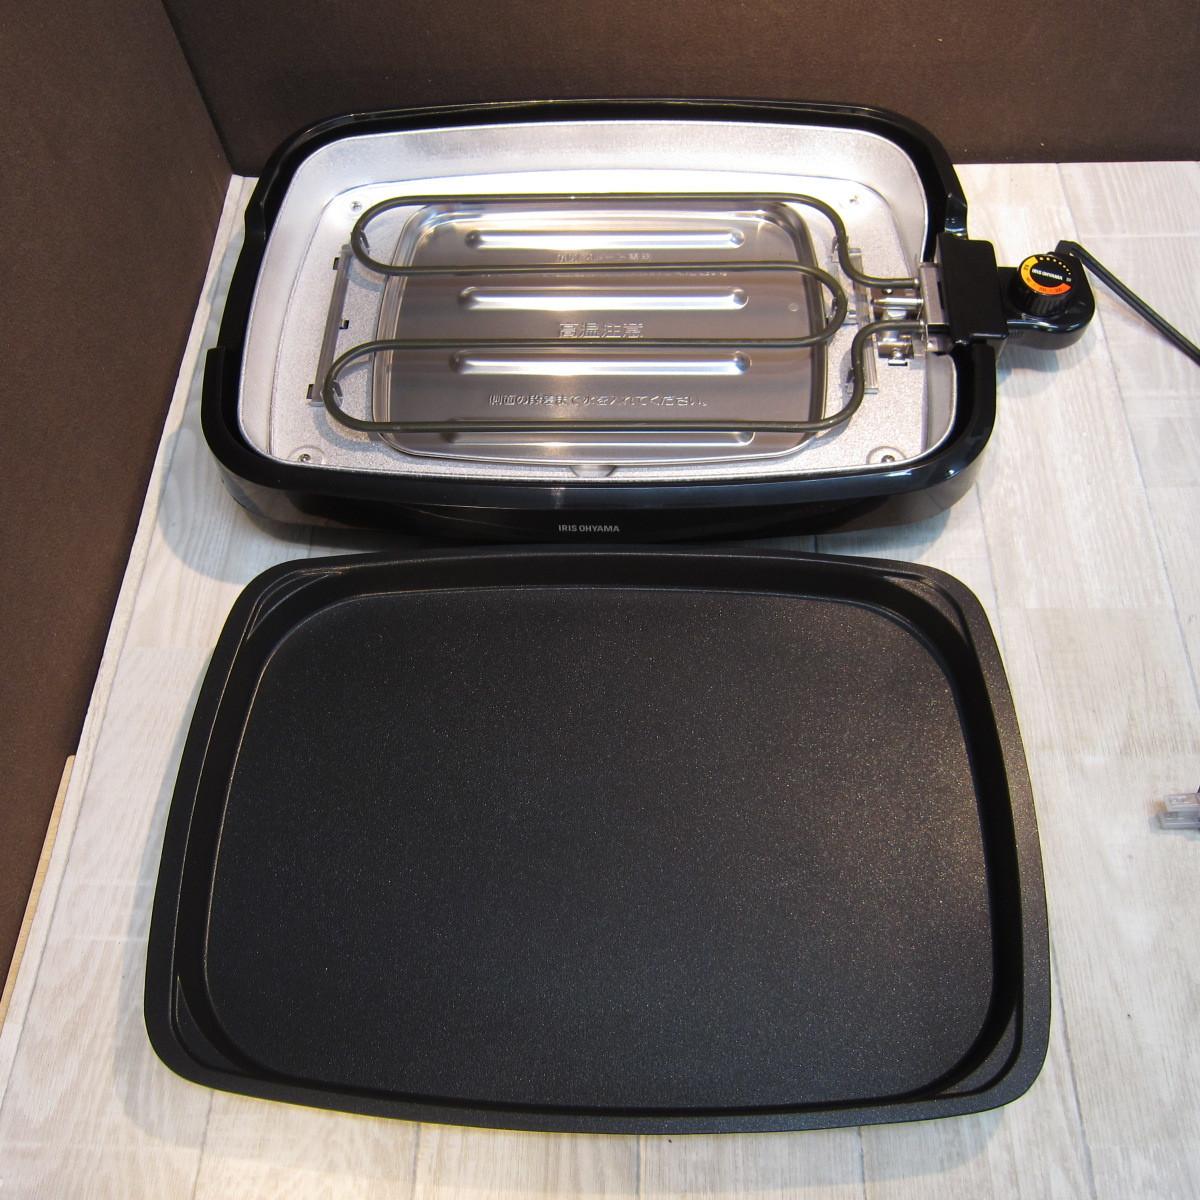 S6080【未使用】アイリスオーヤマ ホットプレート たこ焼き 焼肉 平面 プレート 3枚 網焼き 蓋付き ブラック APA-137-B_画像4